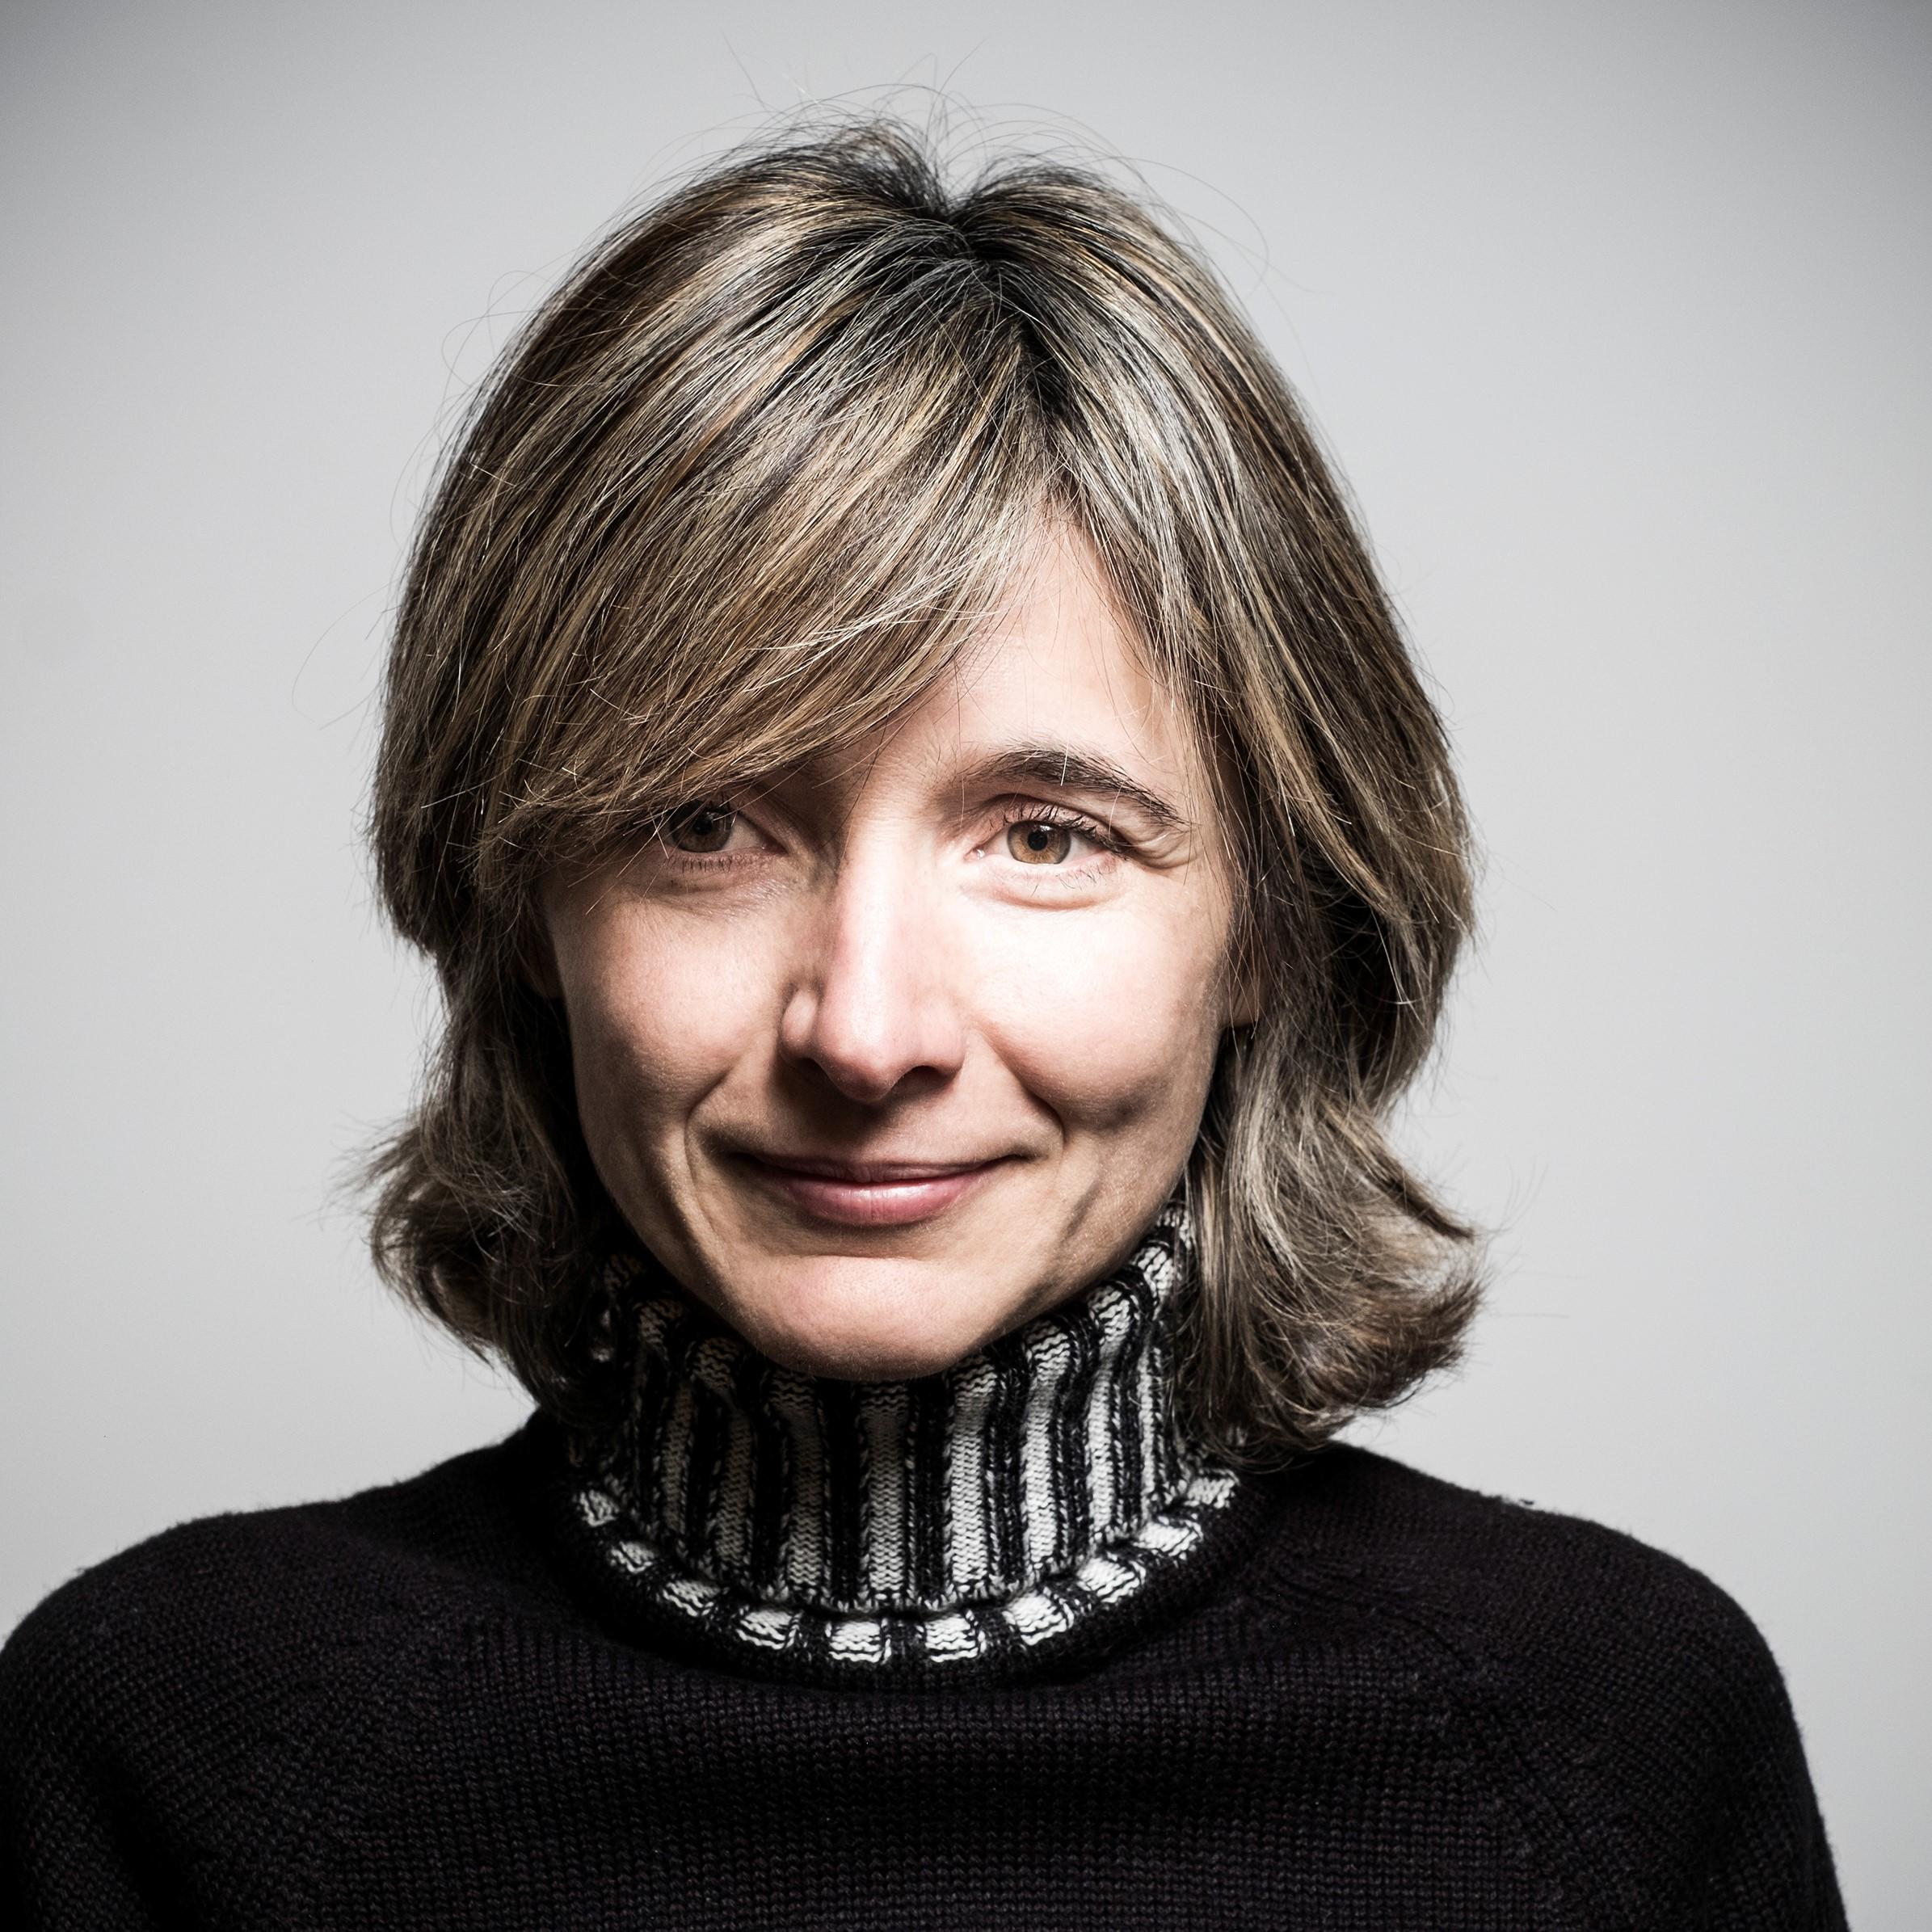 Maria Angeles Leon, Open Value Foundation & Philanthropist